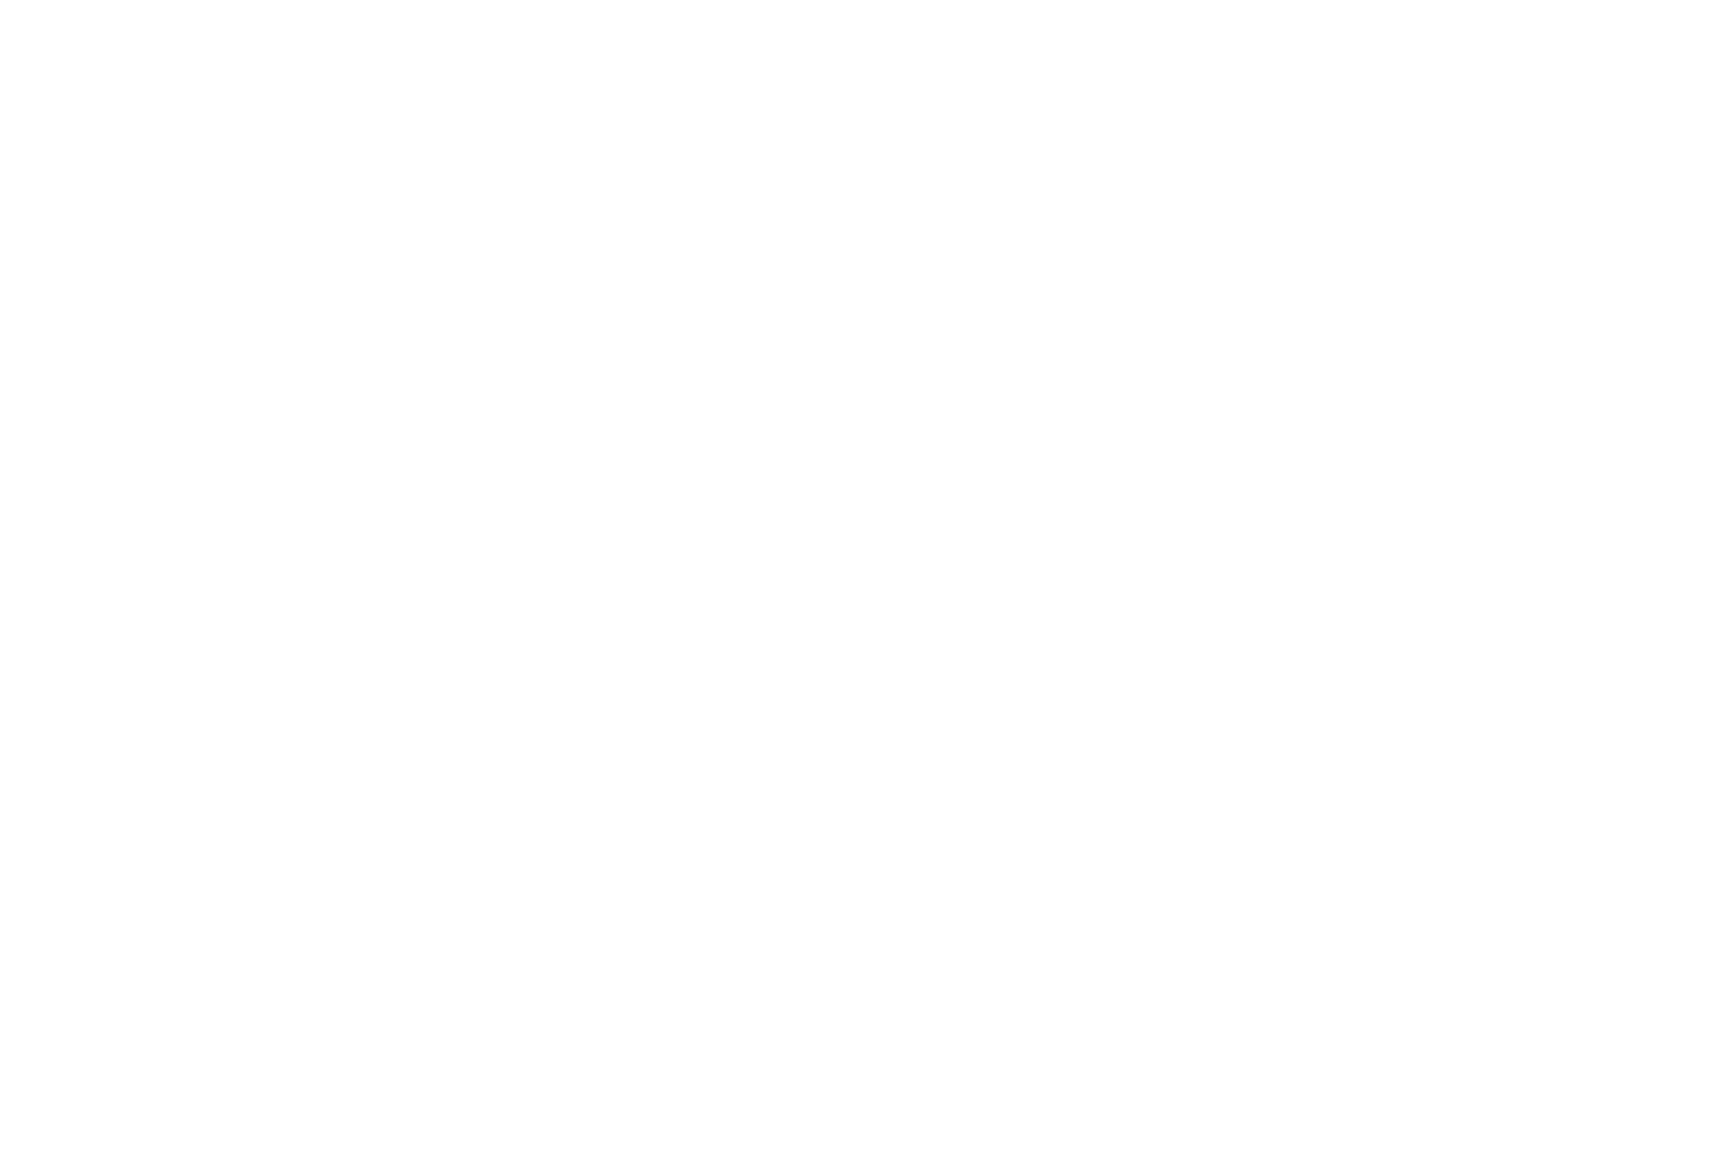 OFFICIAL SELECTION - Denver Underground Film Festival - 2019.png